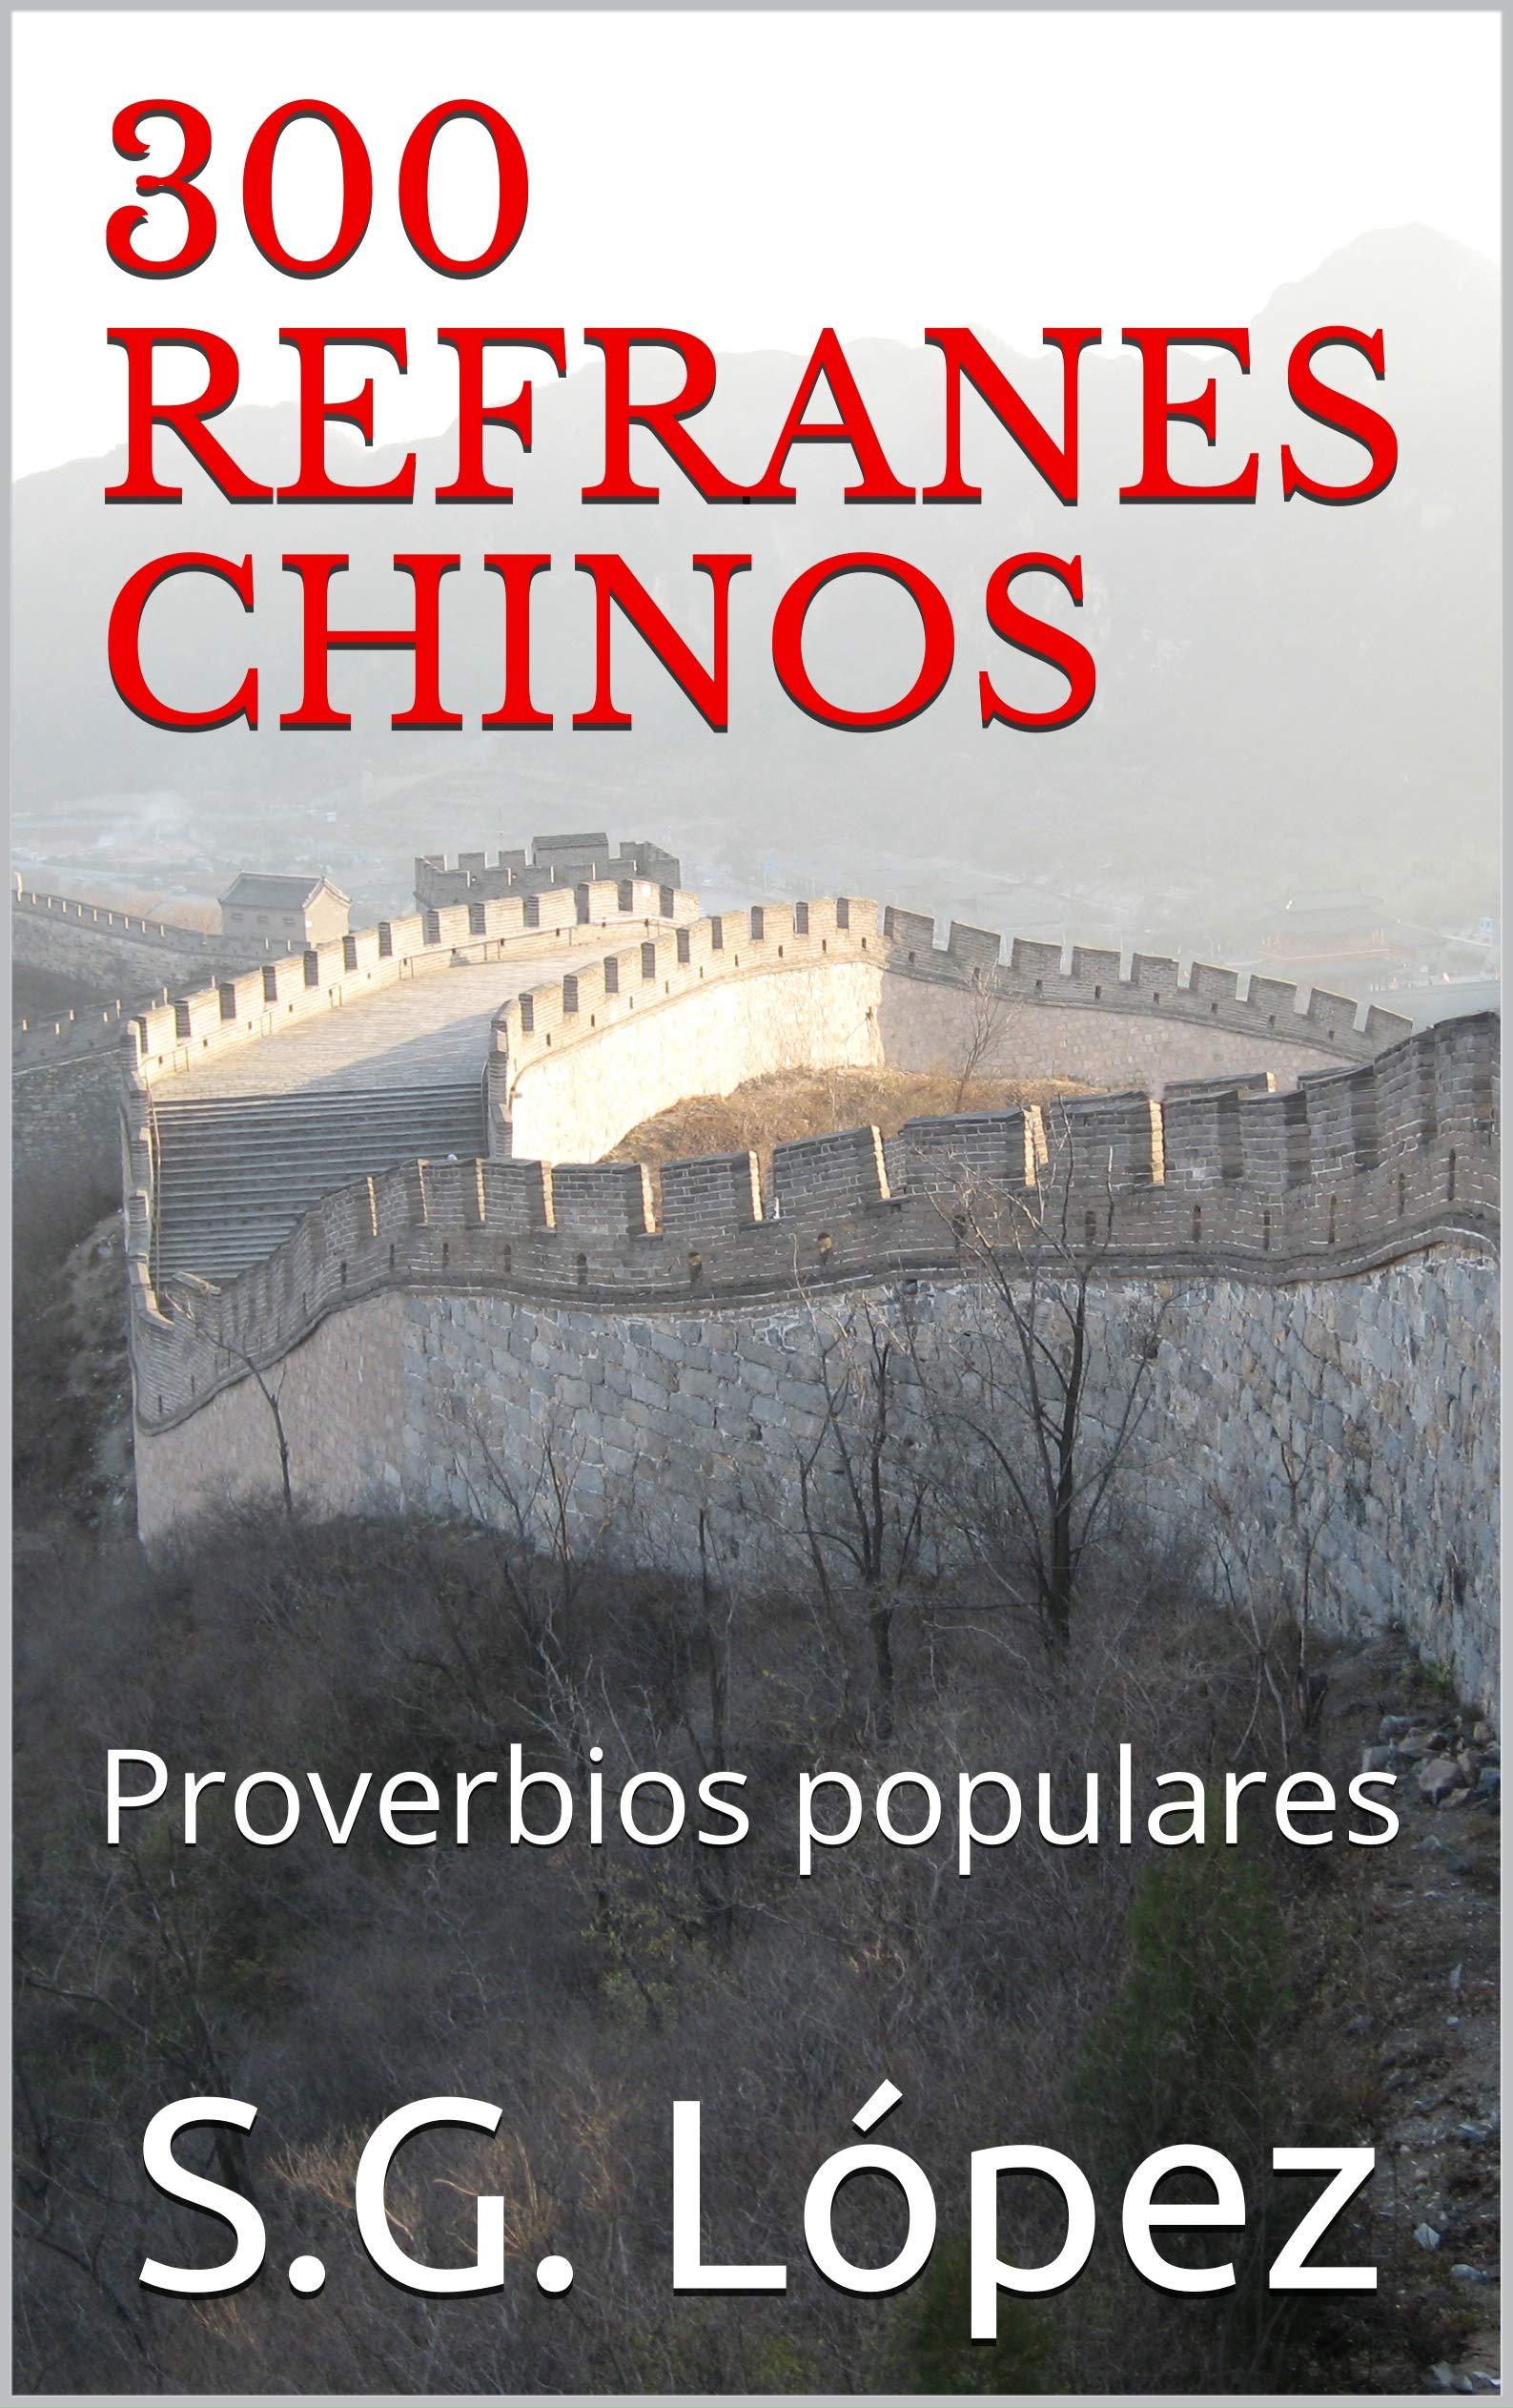 300 REFRANES CHINOS: Proverbios populares